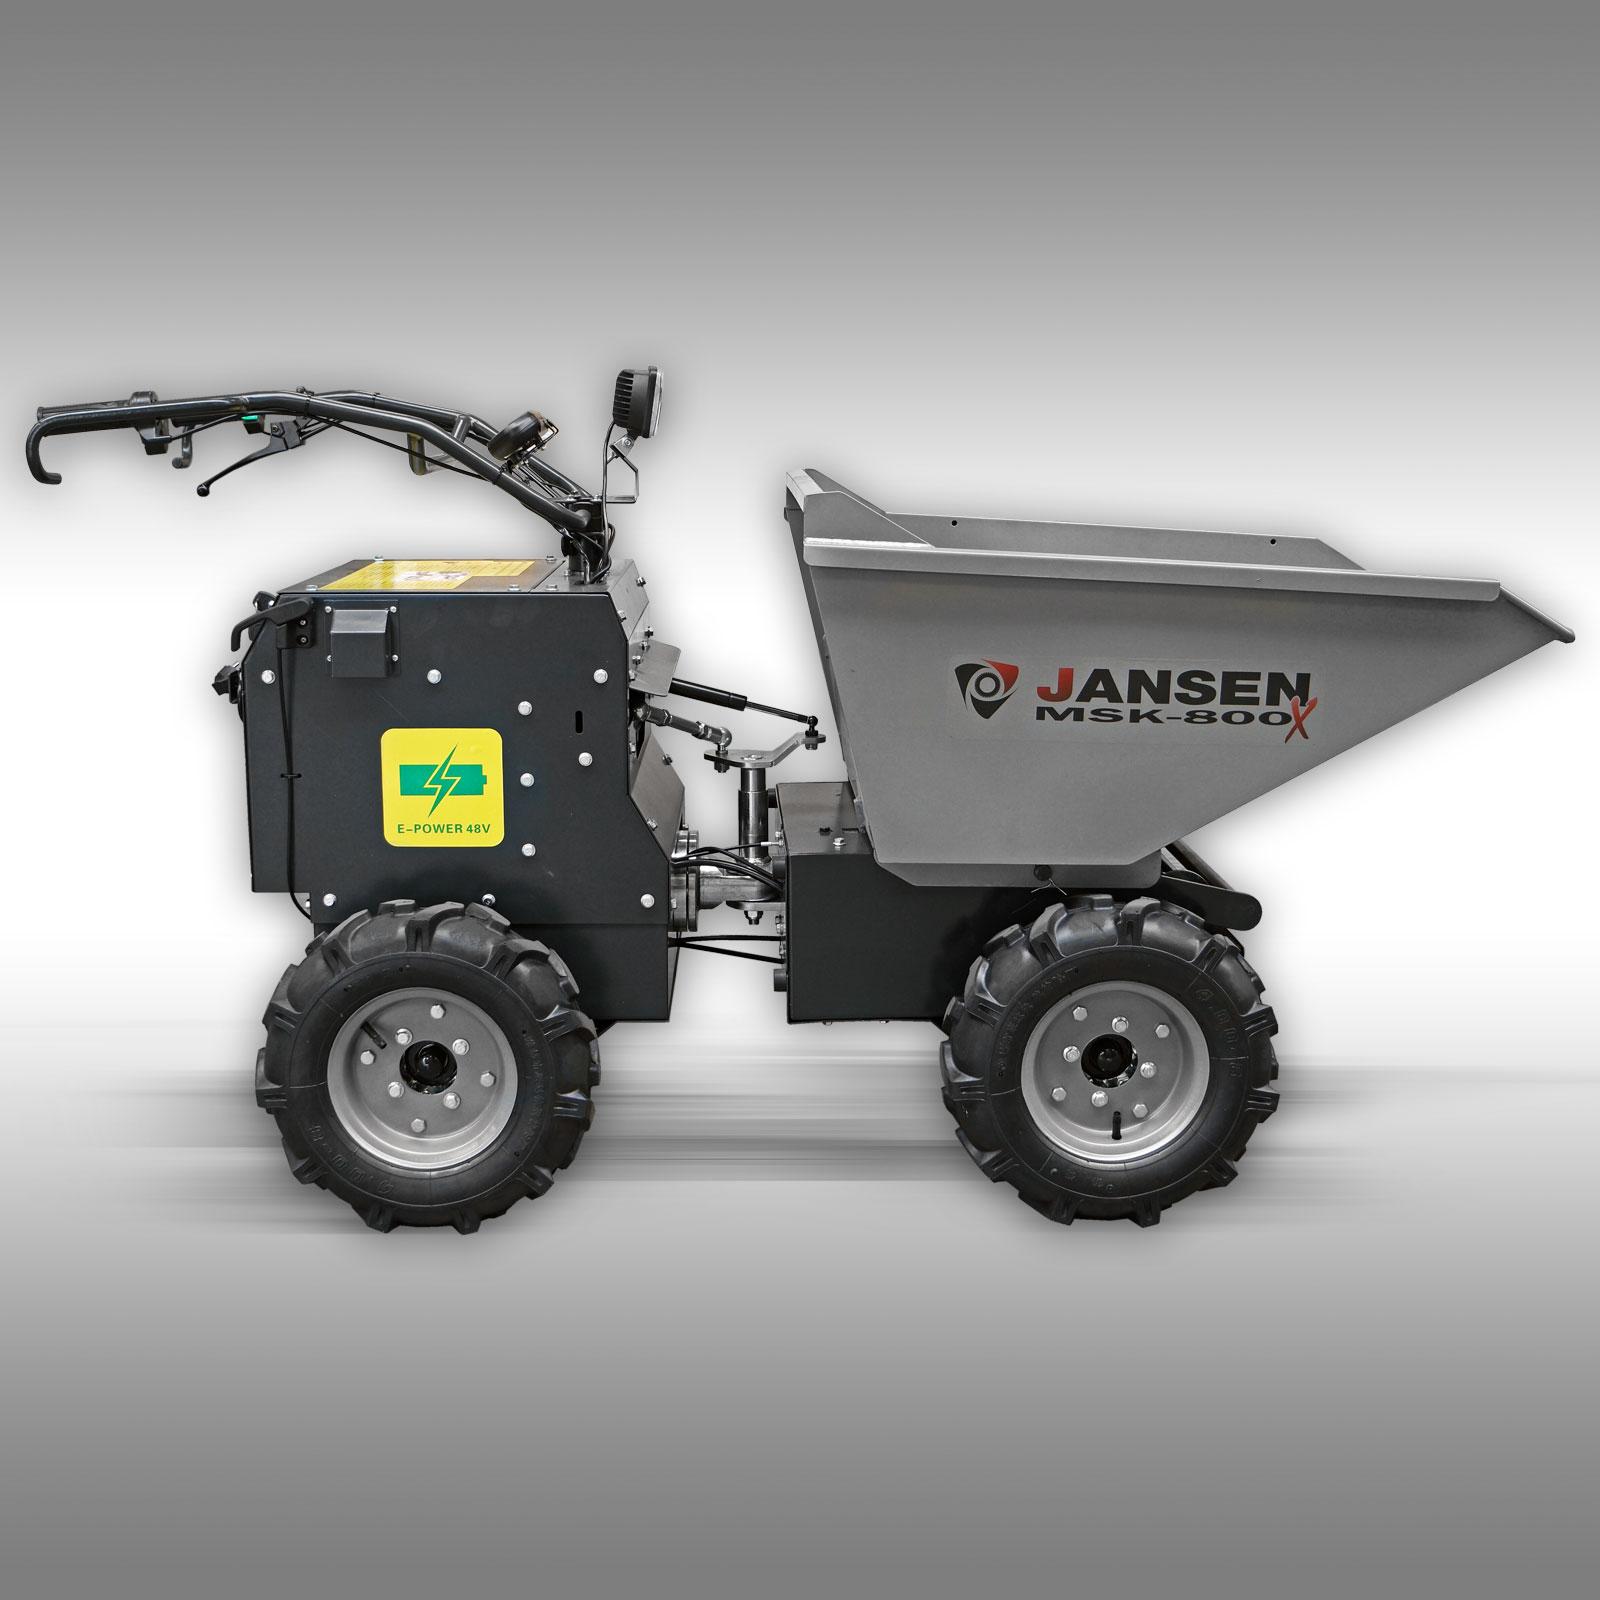 Motorkruiwagen Jansen MSK-800X elektromotor 800W, minidumper, 4x4 vierwielaangedreven